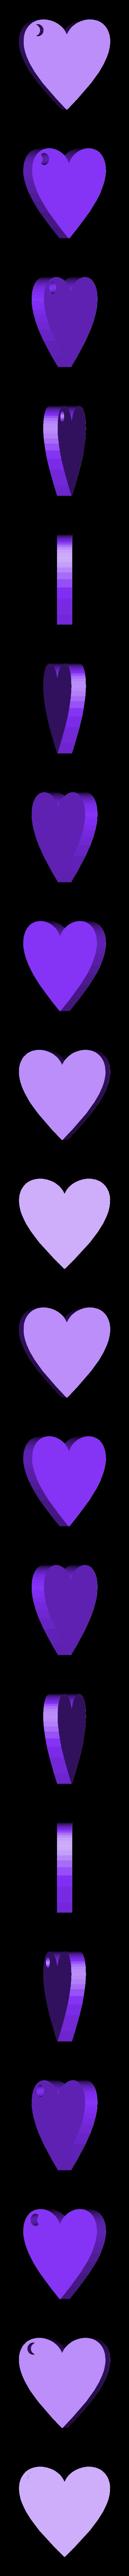 BaseHeartBox01.stl Télécharger fichier STL gratuit Boîte de coeur modulaire pour la Saint-Valentin • Design pour impression 3D, Darkolas